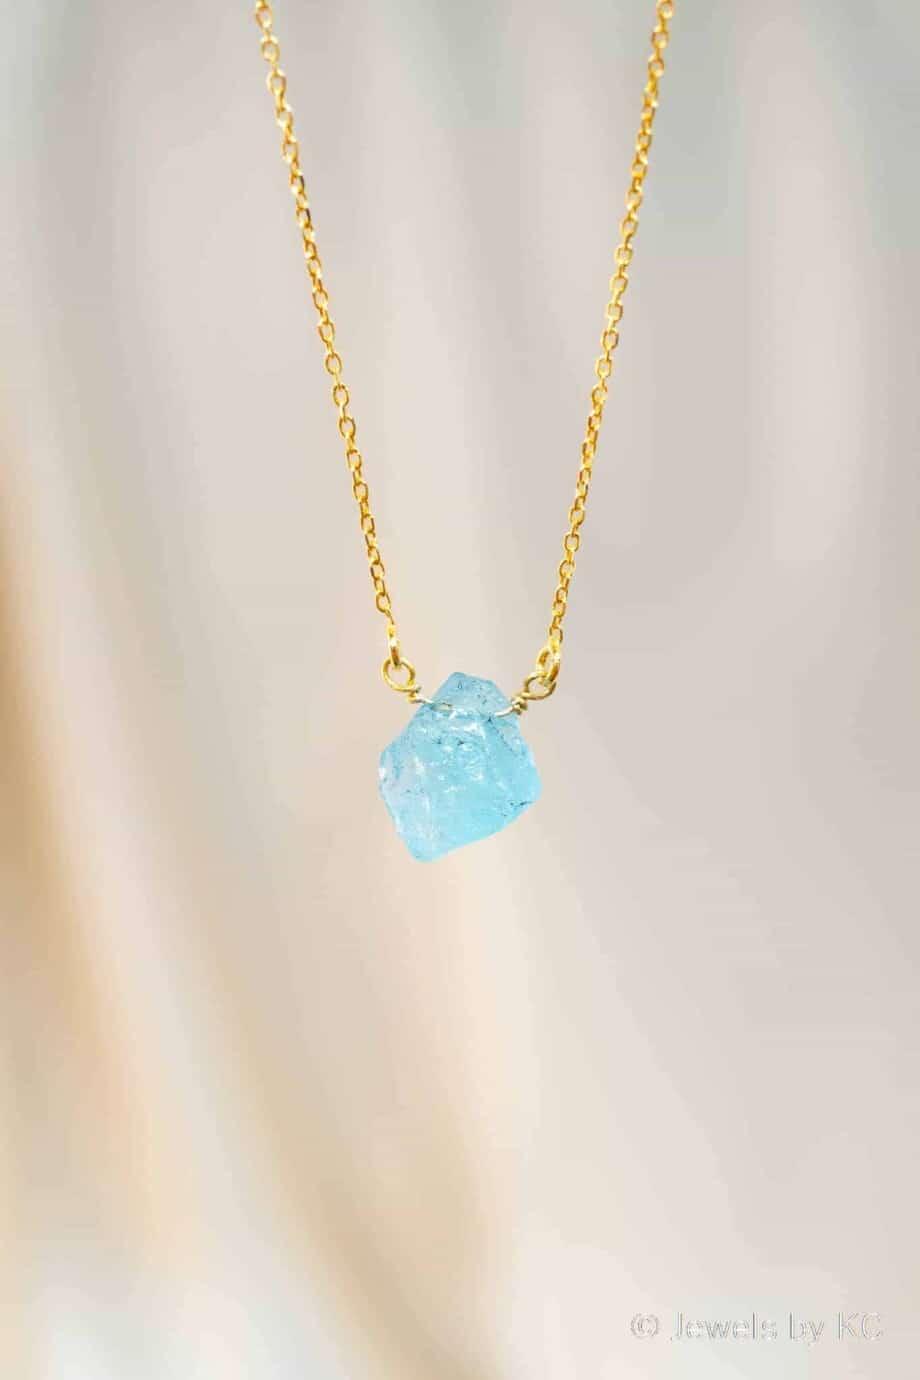 Gouden ketting met blauwe Aquamarijn edelsteen van Goud op Zilver